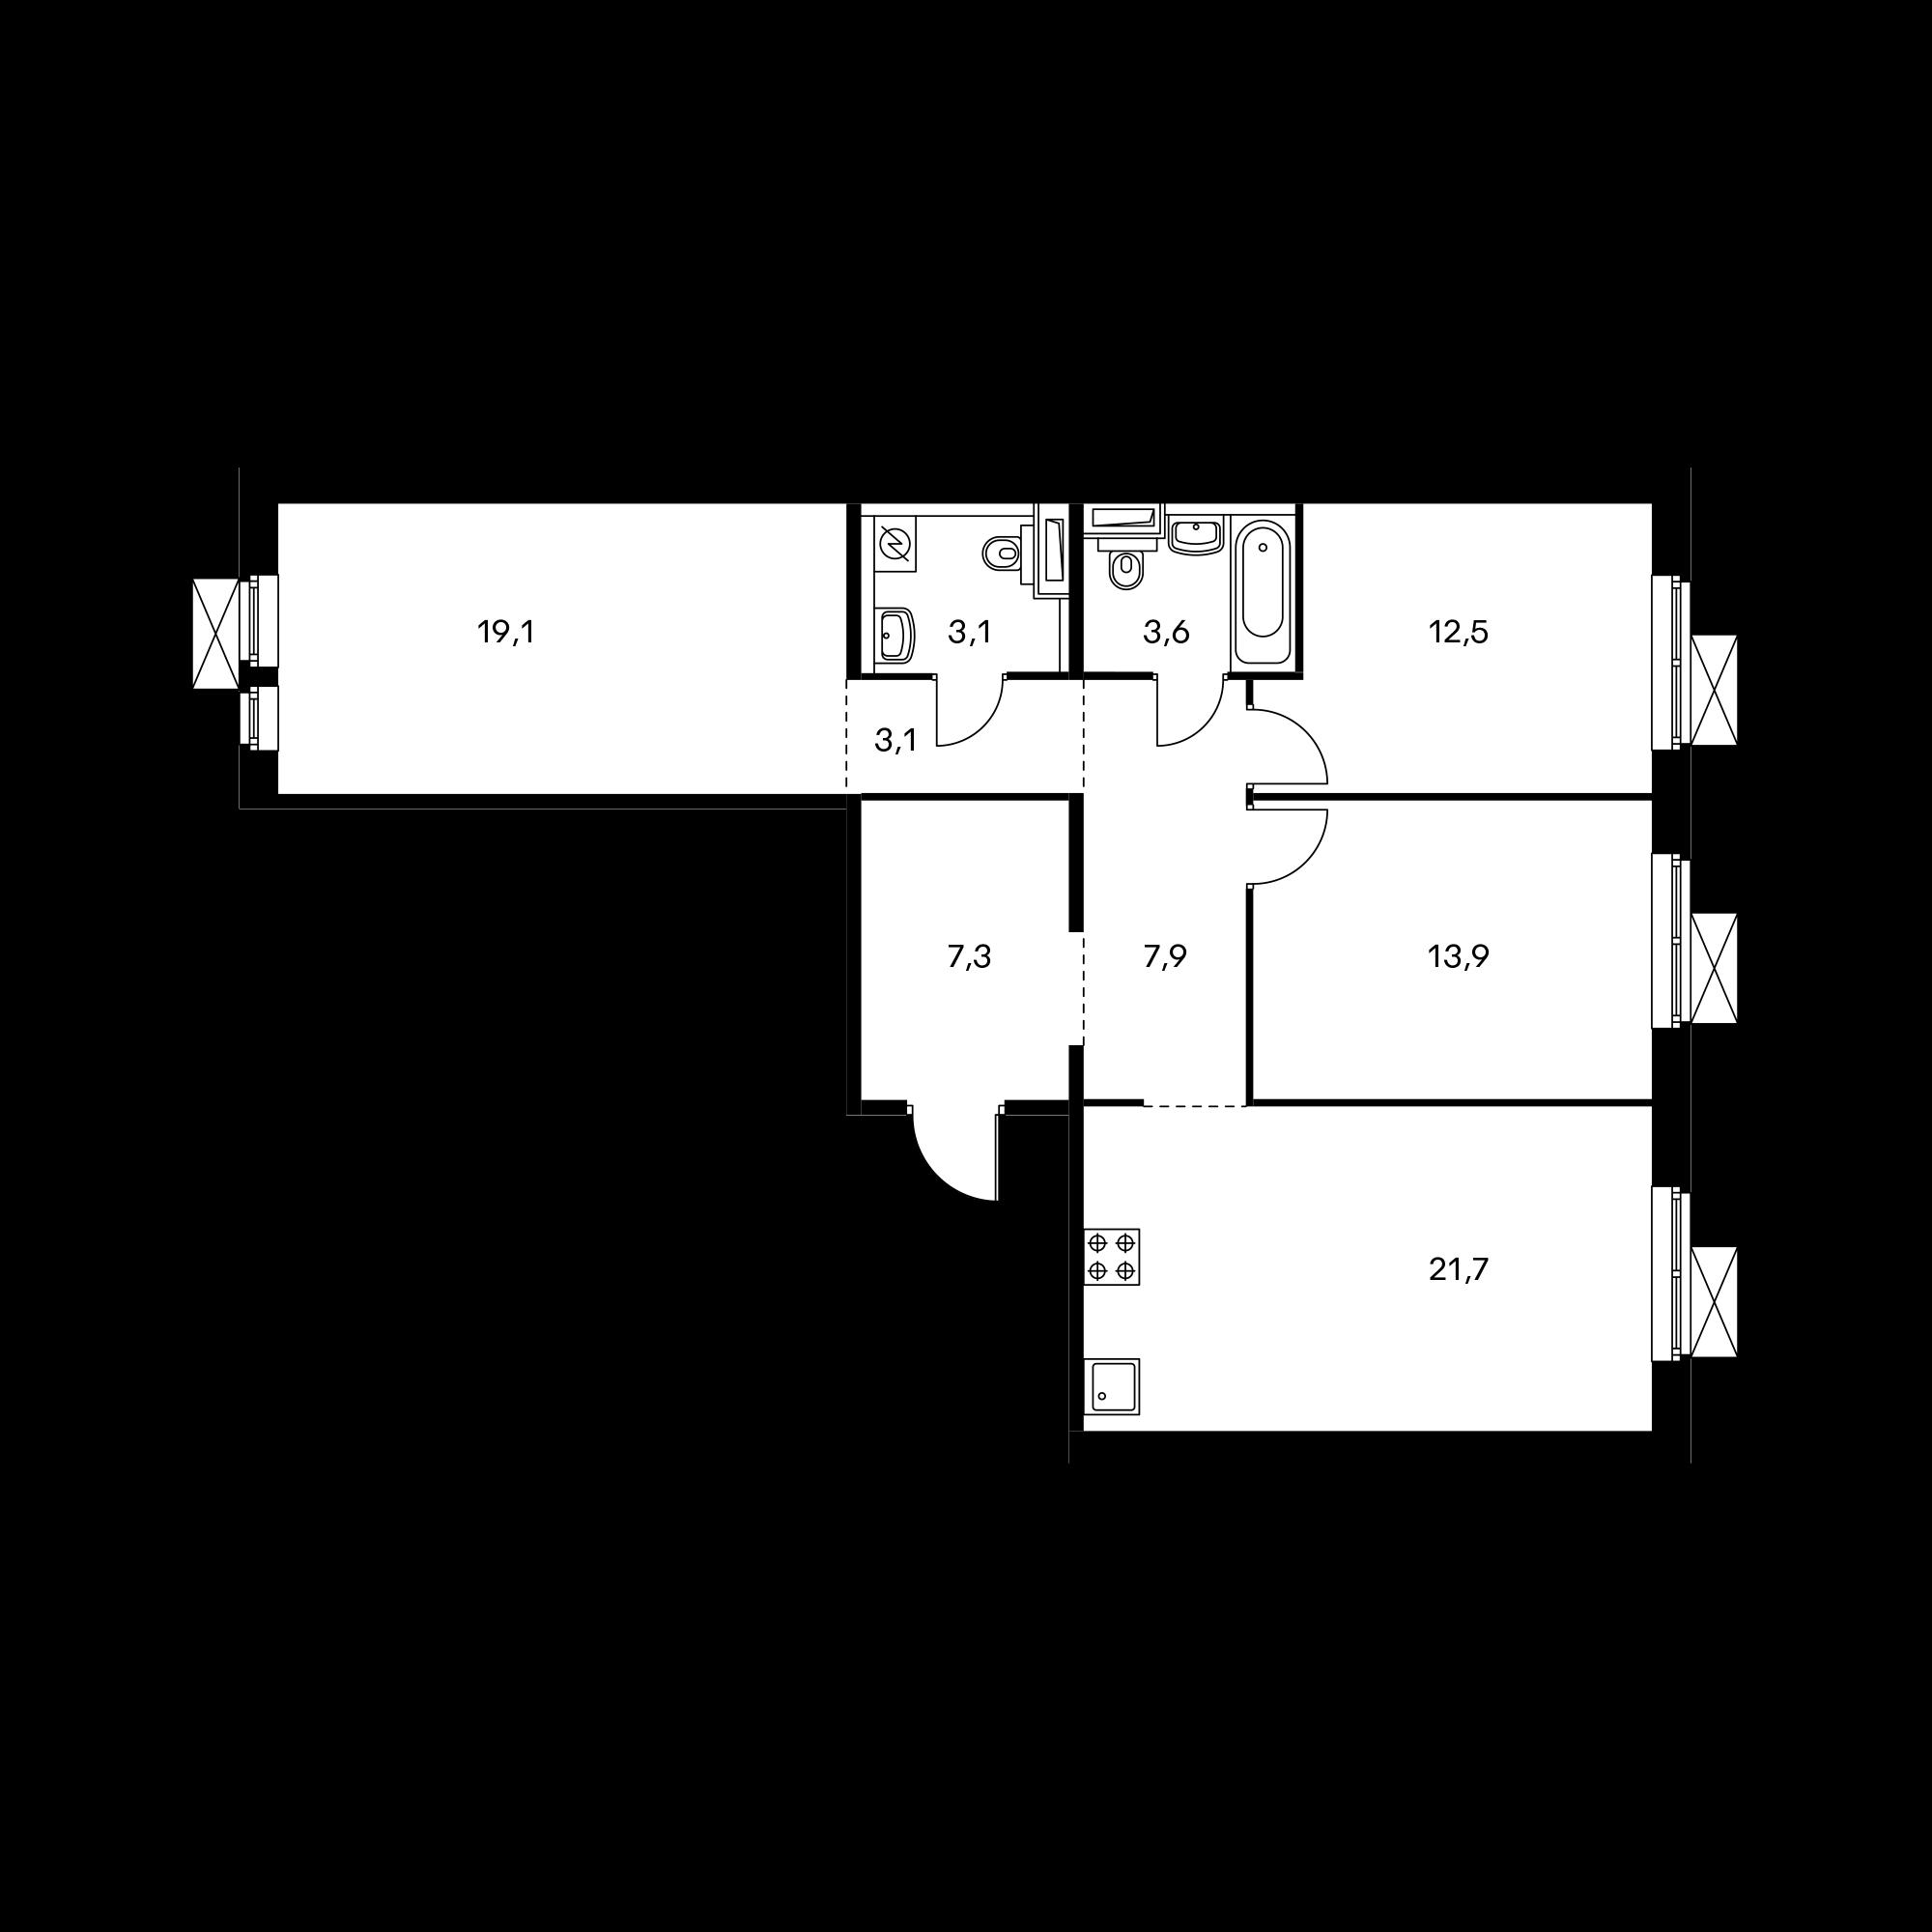 3EL3_10.2-1_S_A